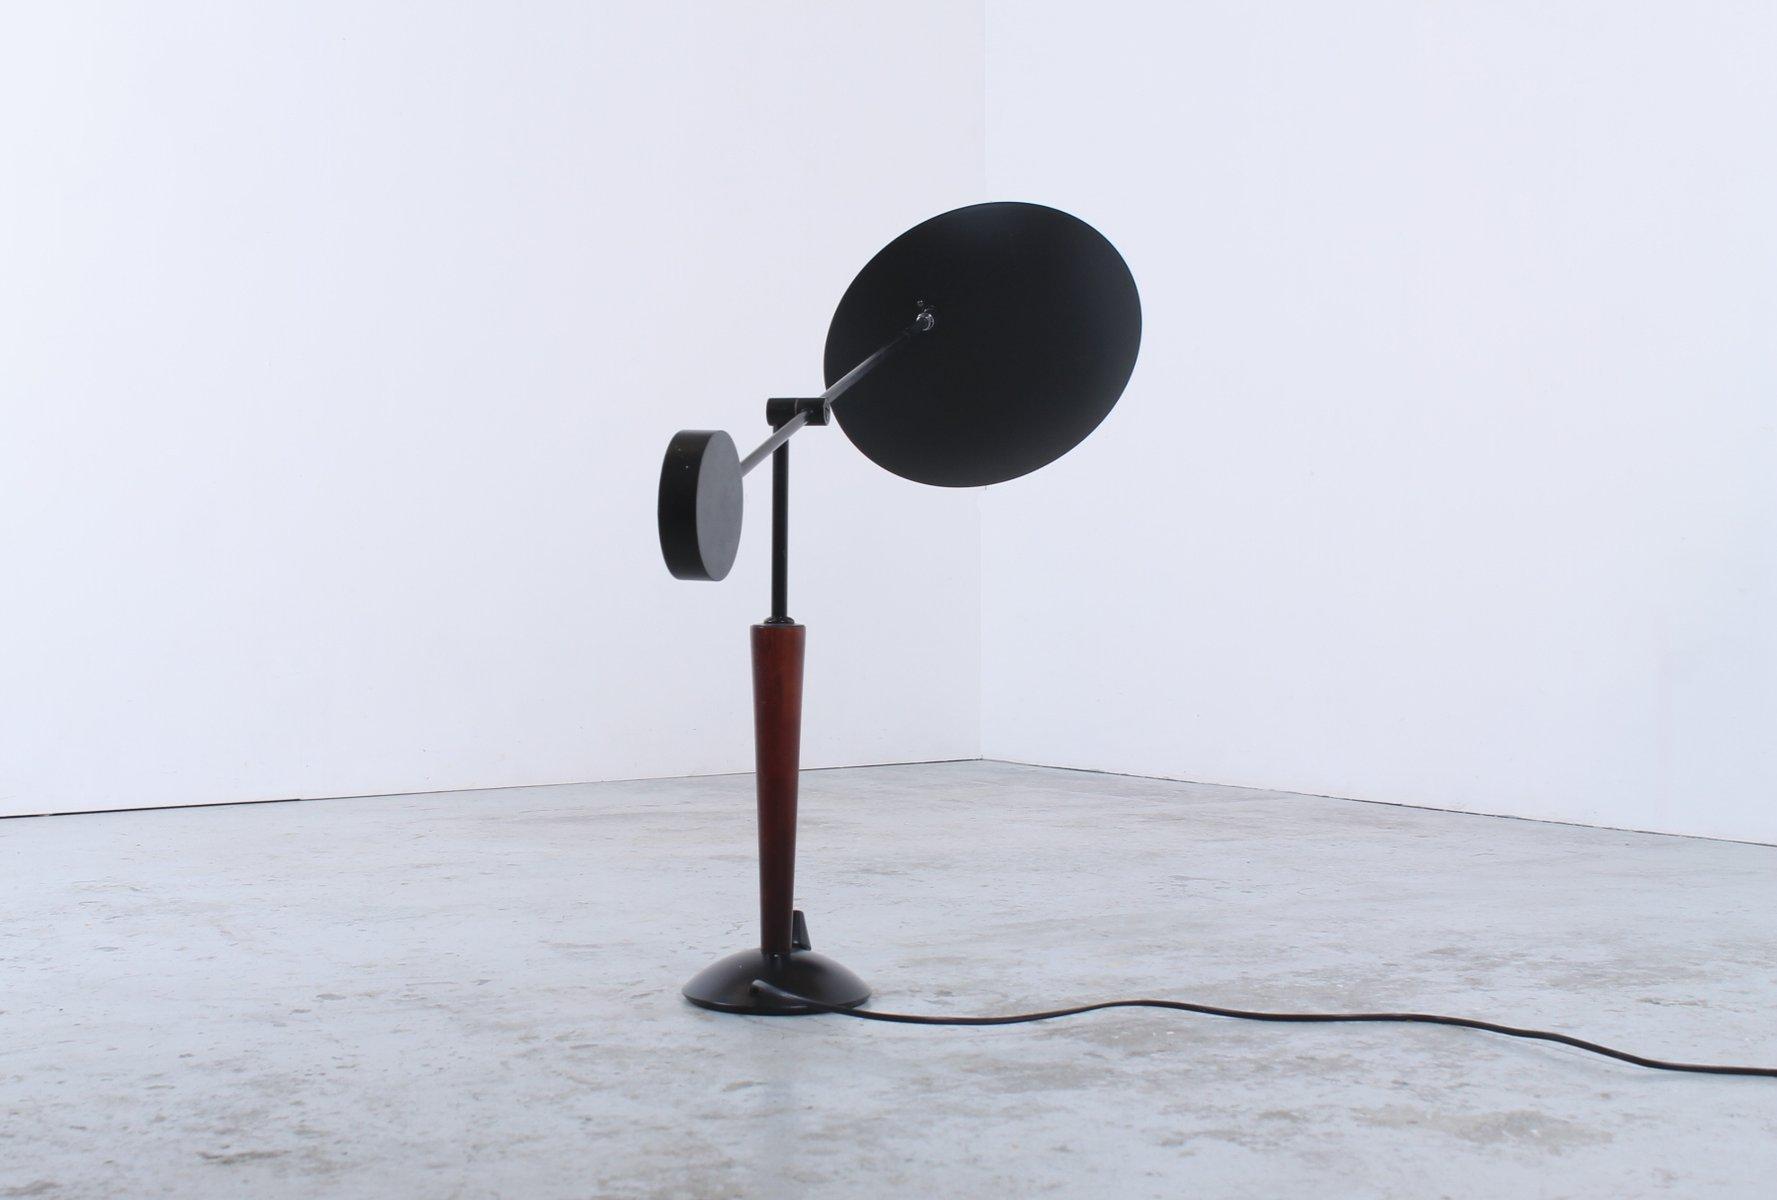 schwarze vintage gegengewicht lampe aus metall von herda bei pamono kaufen. Black Bedroom Furniture Sets. Home Design Ideas